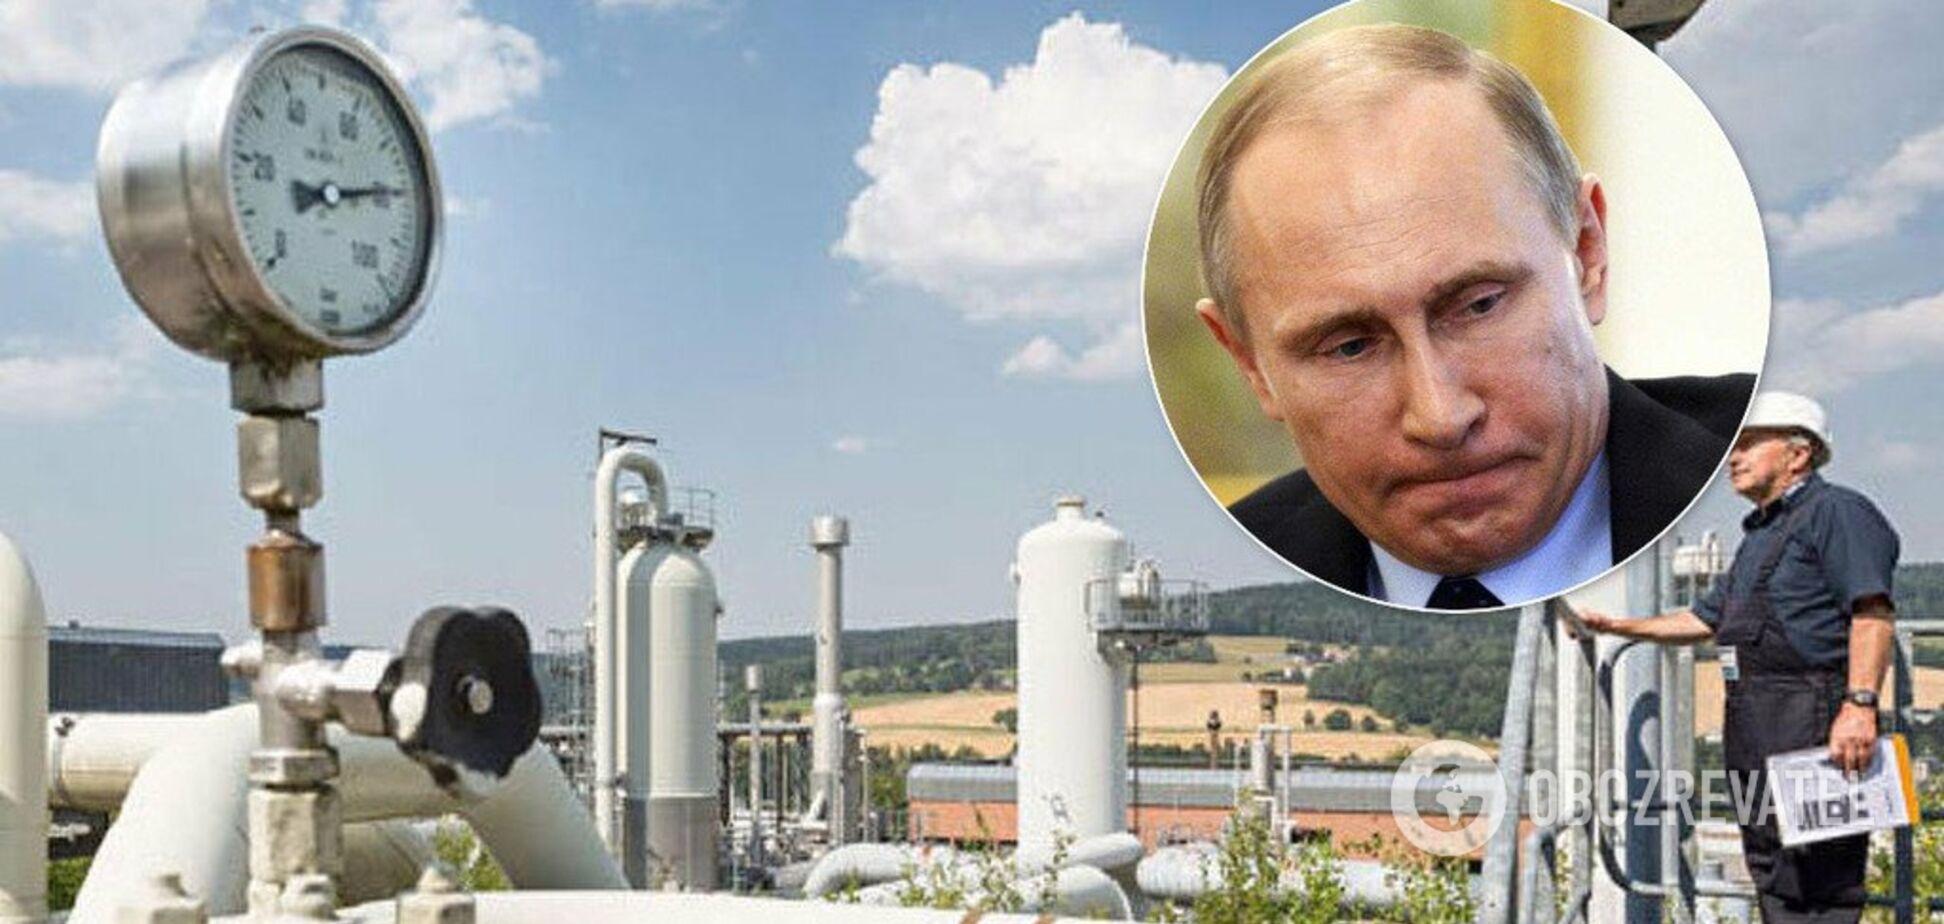 Замена российскому: Украина начала получать сжиженный газ из Польши